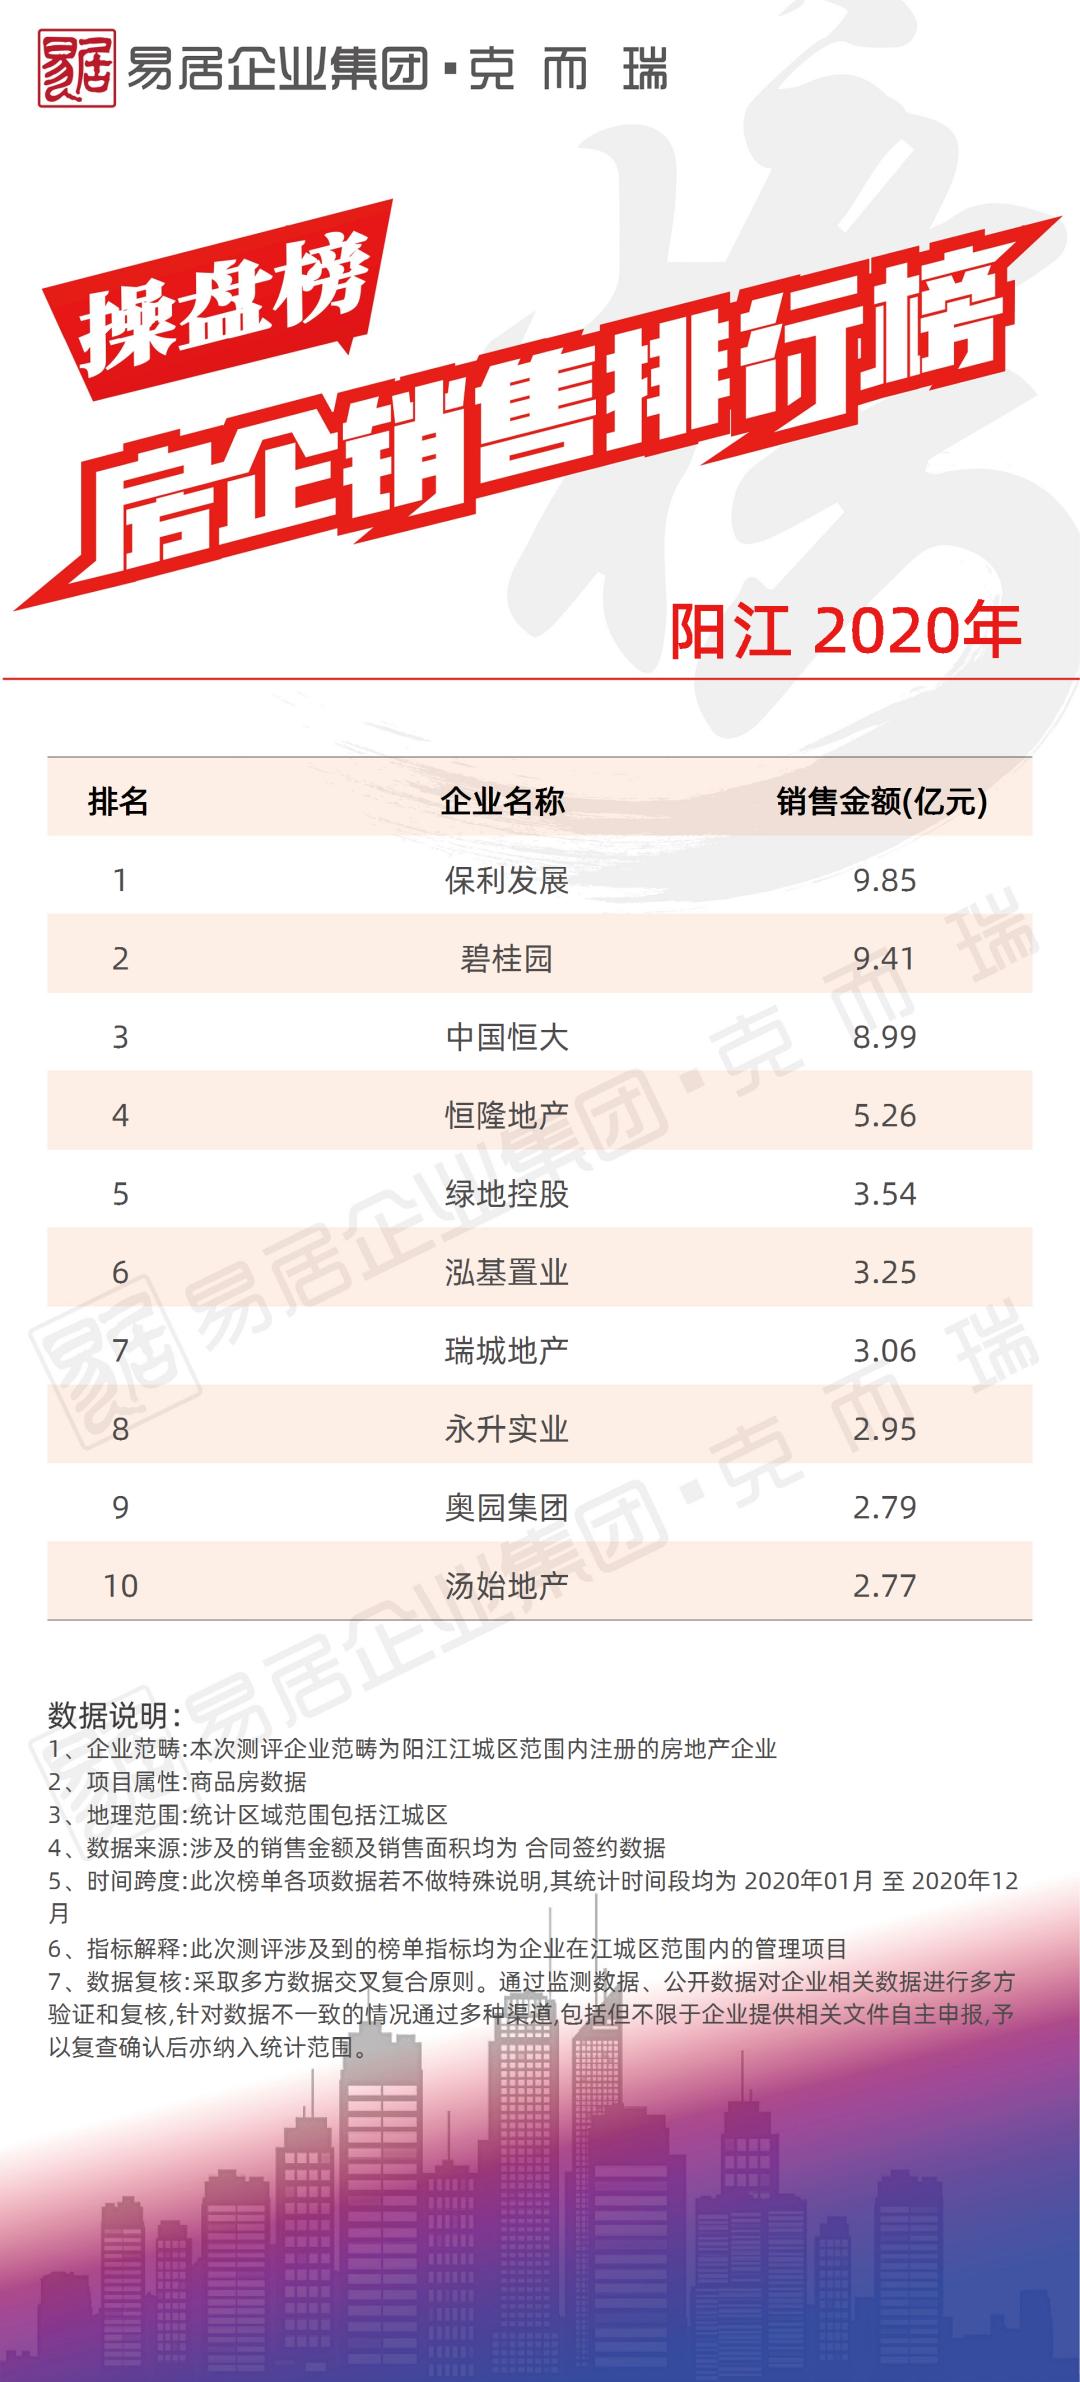 2020年度各城市房企销售榜五(阳江、北京、天津、郑州、武汉、洛阳、成都、重庆、贵阳、长春)